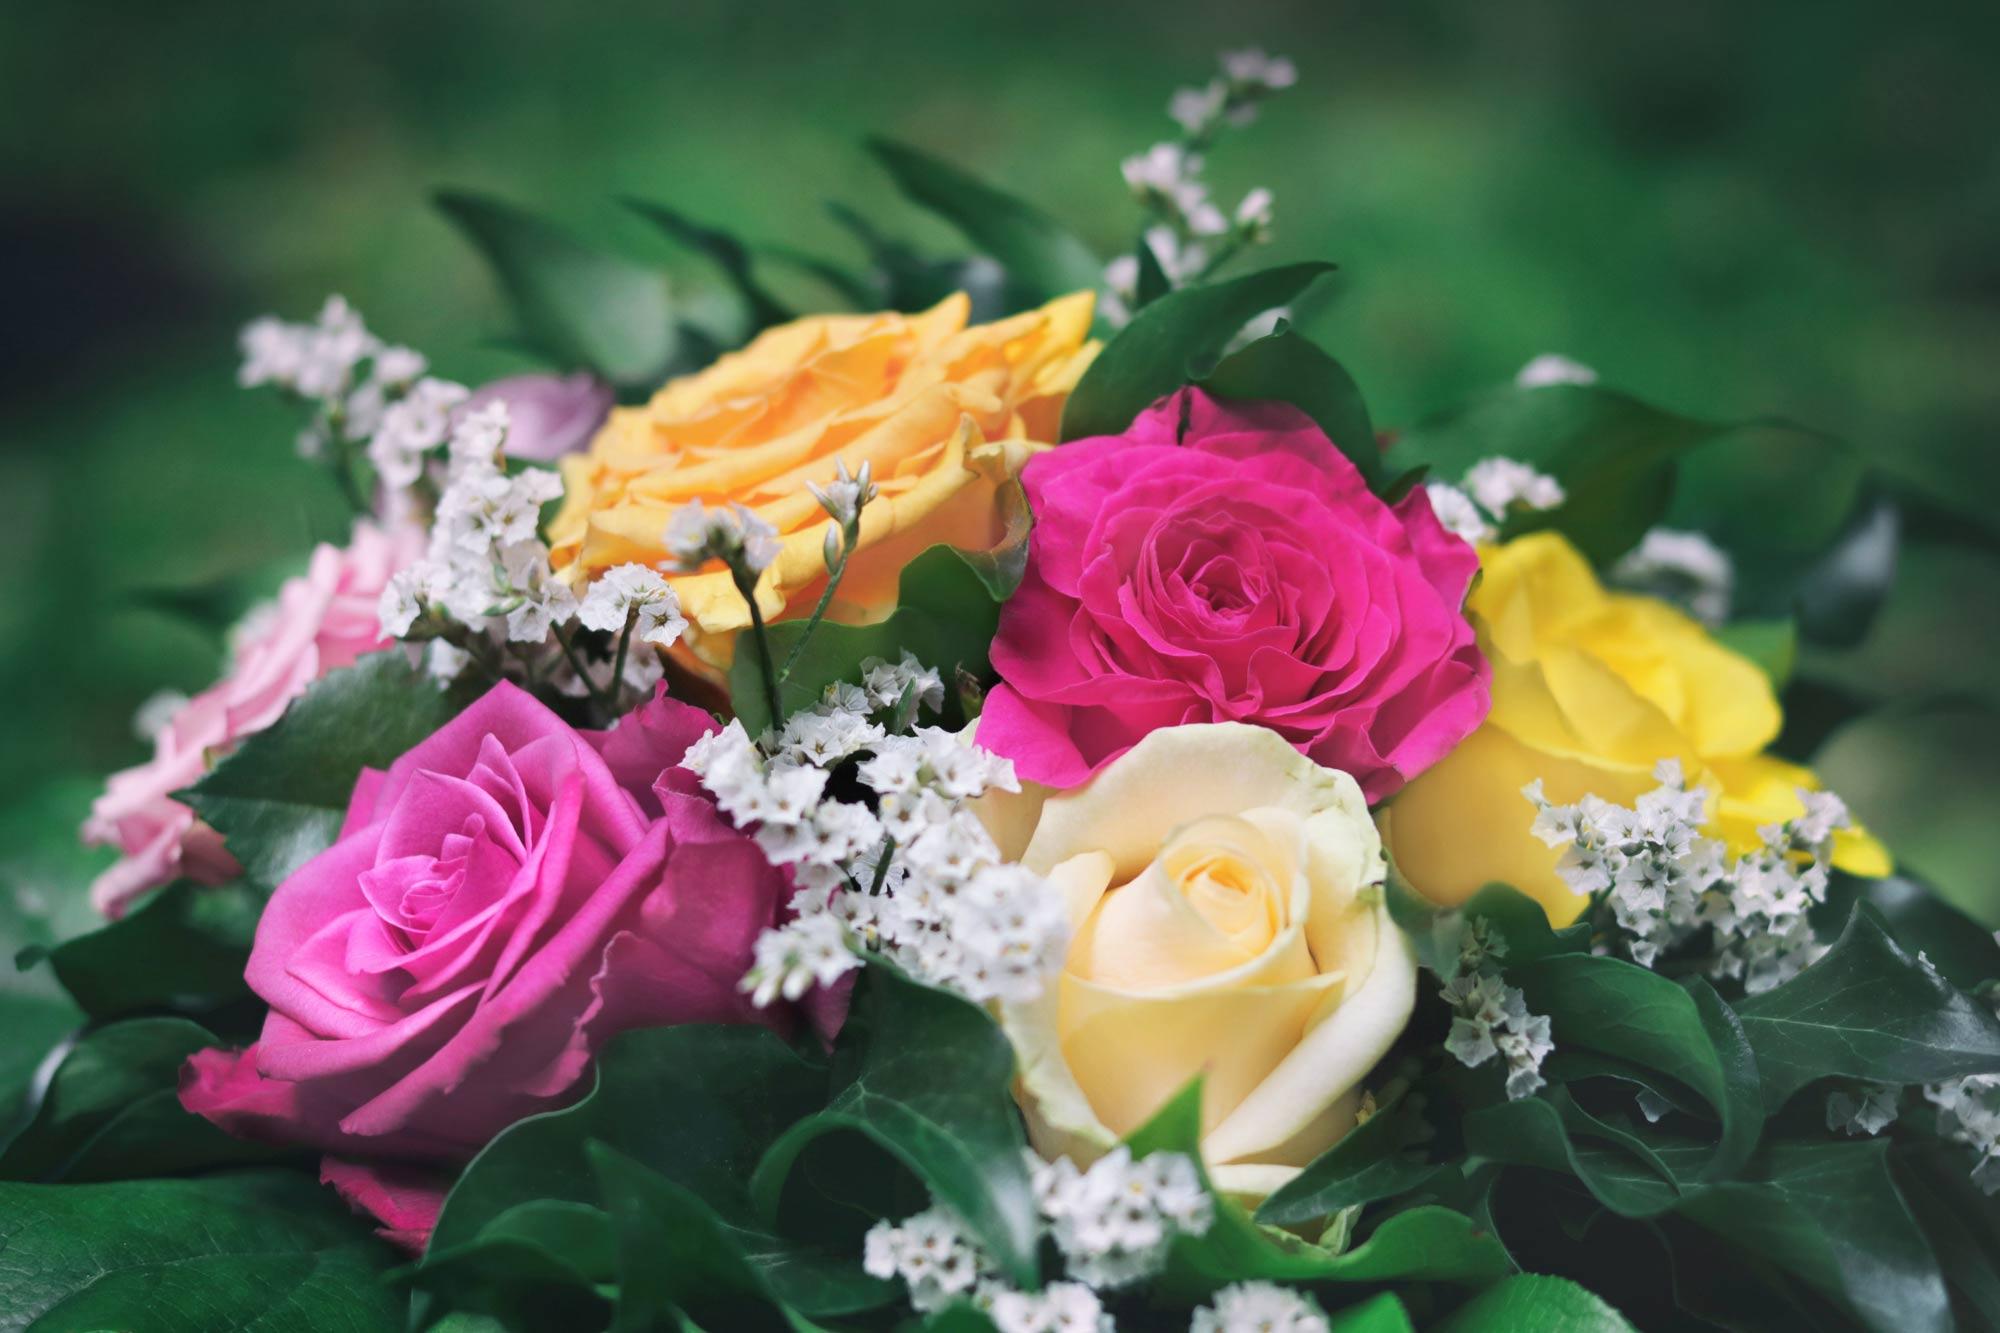 Blumenstrauß Rosen - Kostenlose Bilder Download   Titania Foto über Blumenbilder Rosen